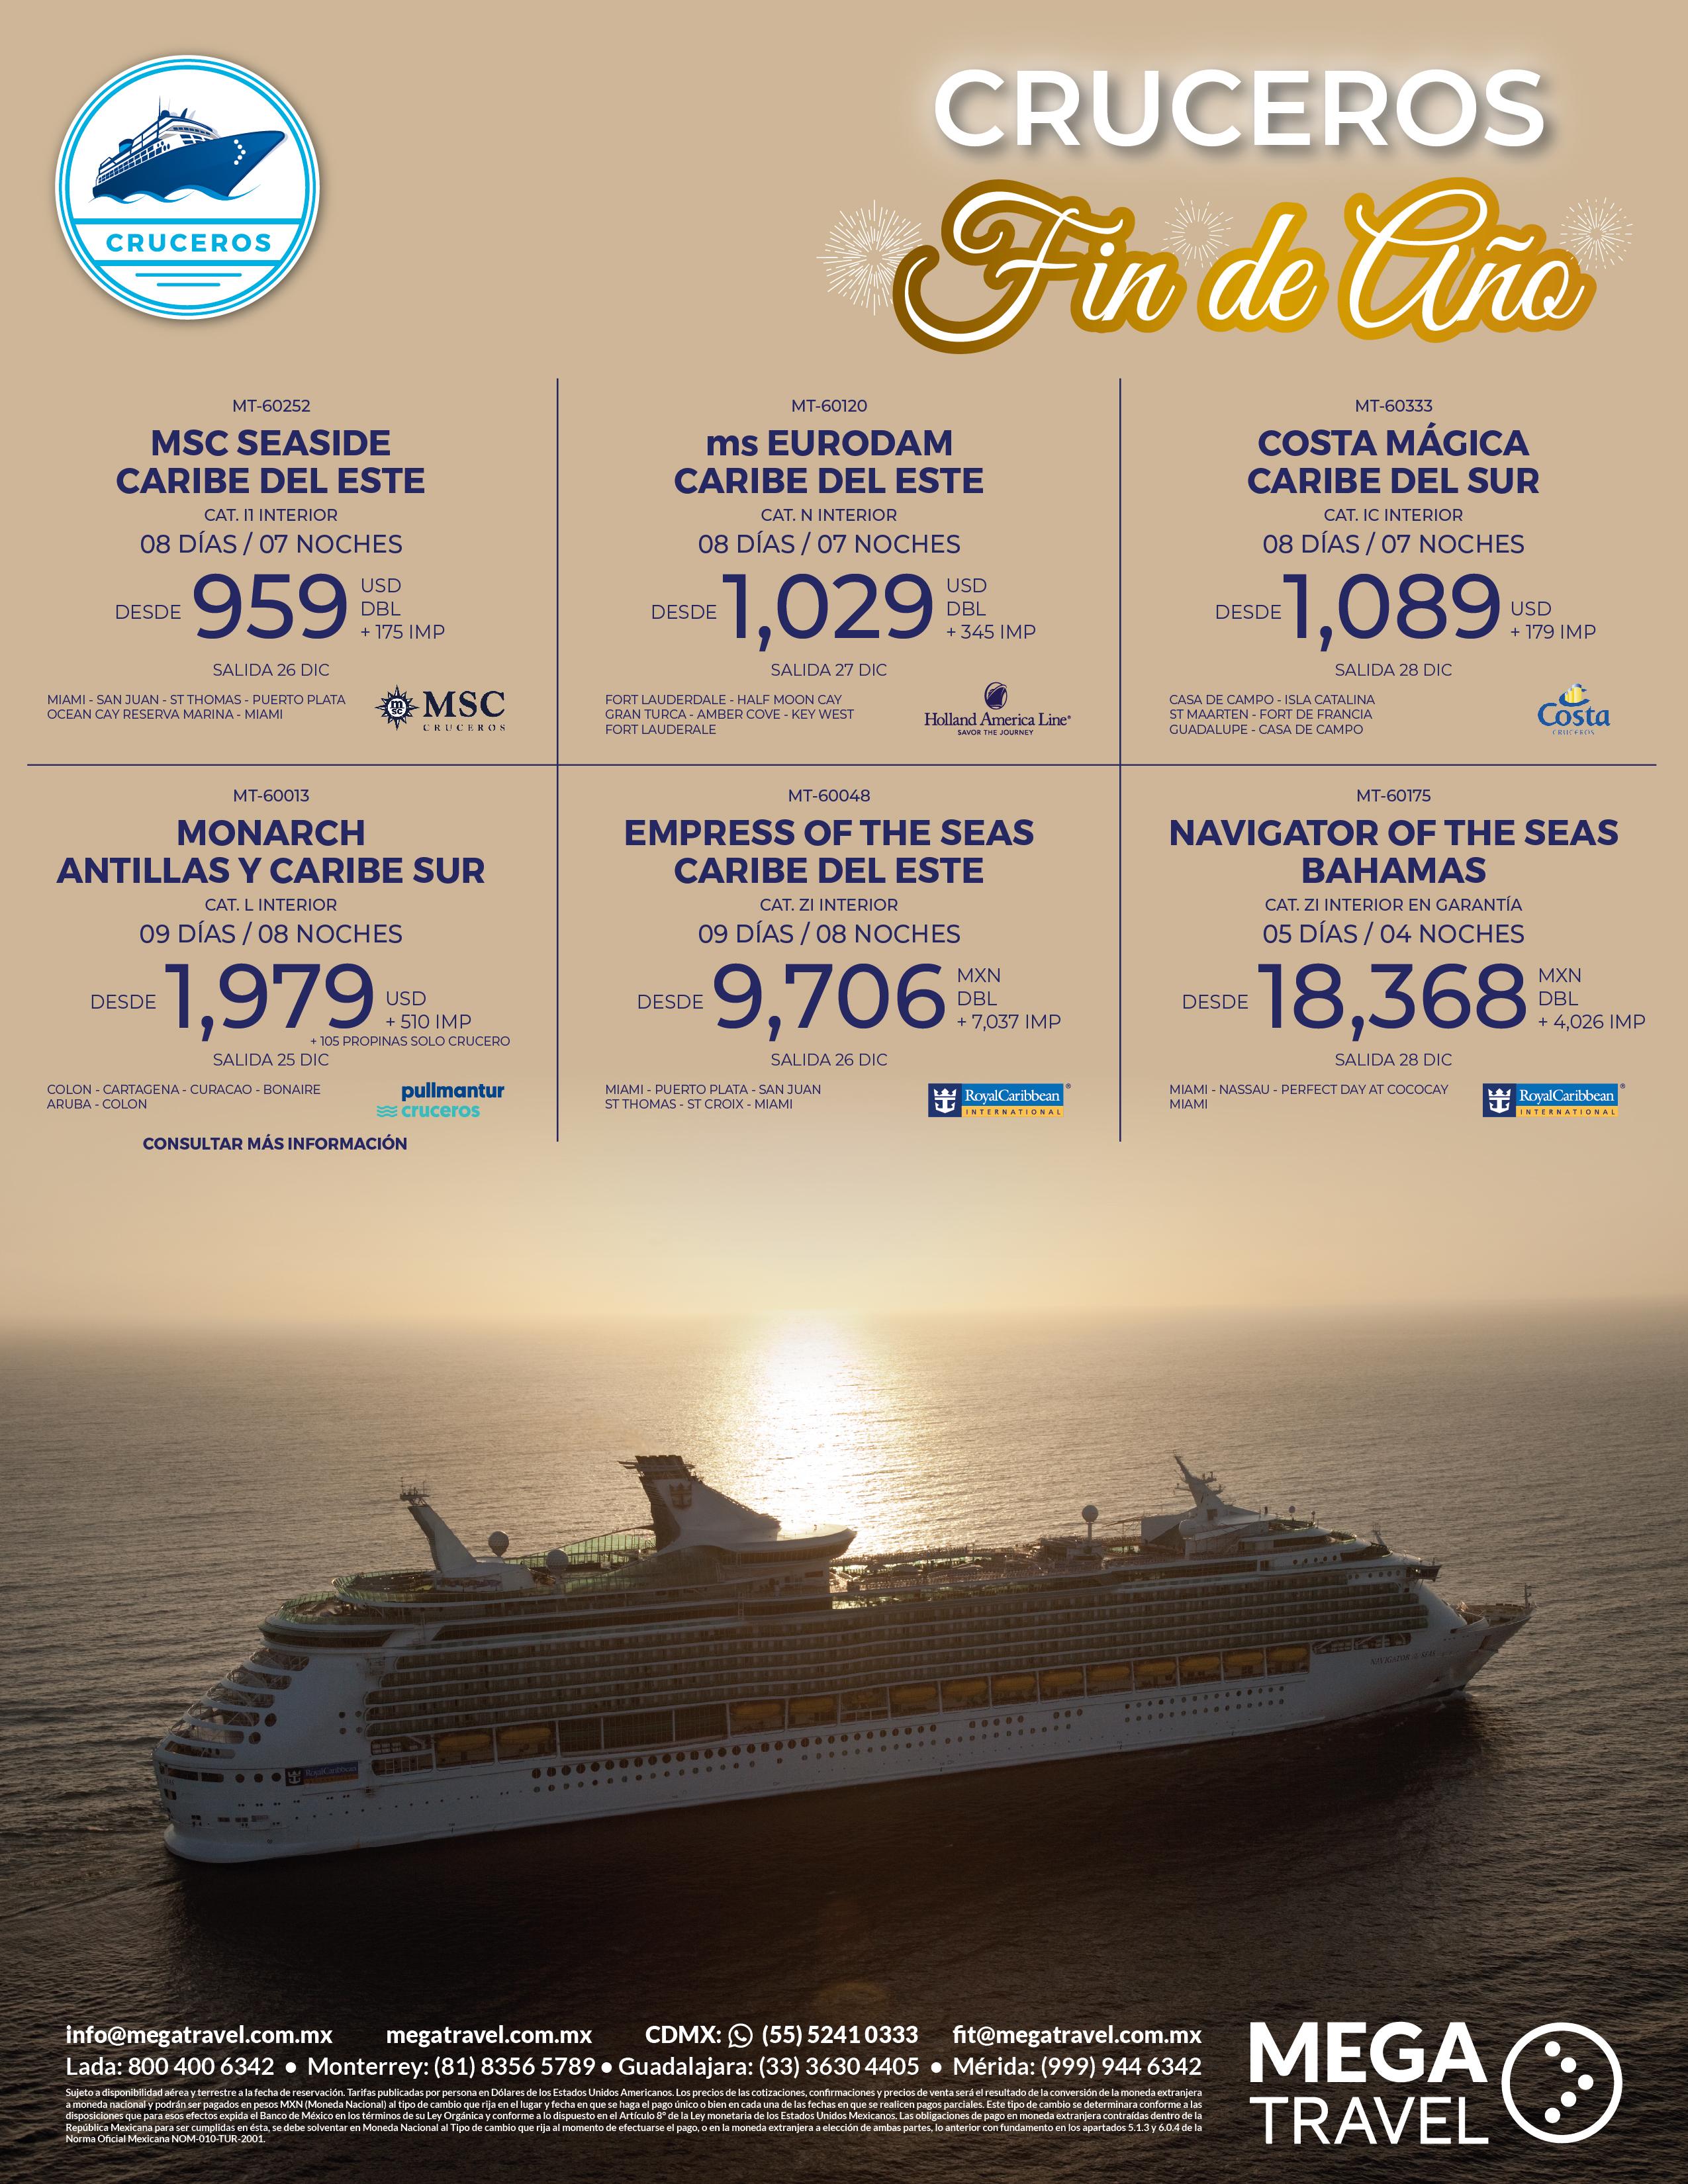 https://0201.nccdn.net/1_2/000/000/0a5/261/13_Cruceros-Fin-de-A--o.jpg